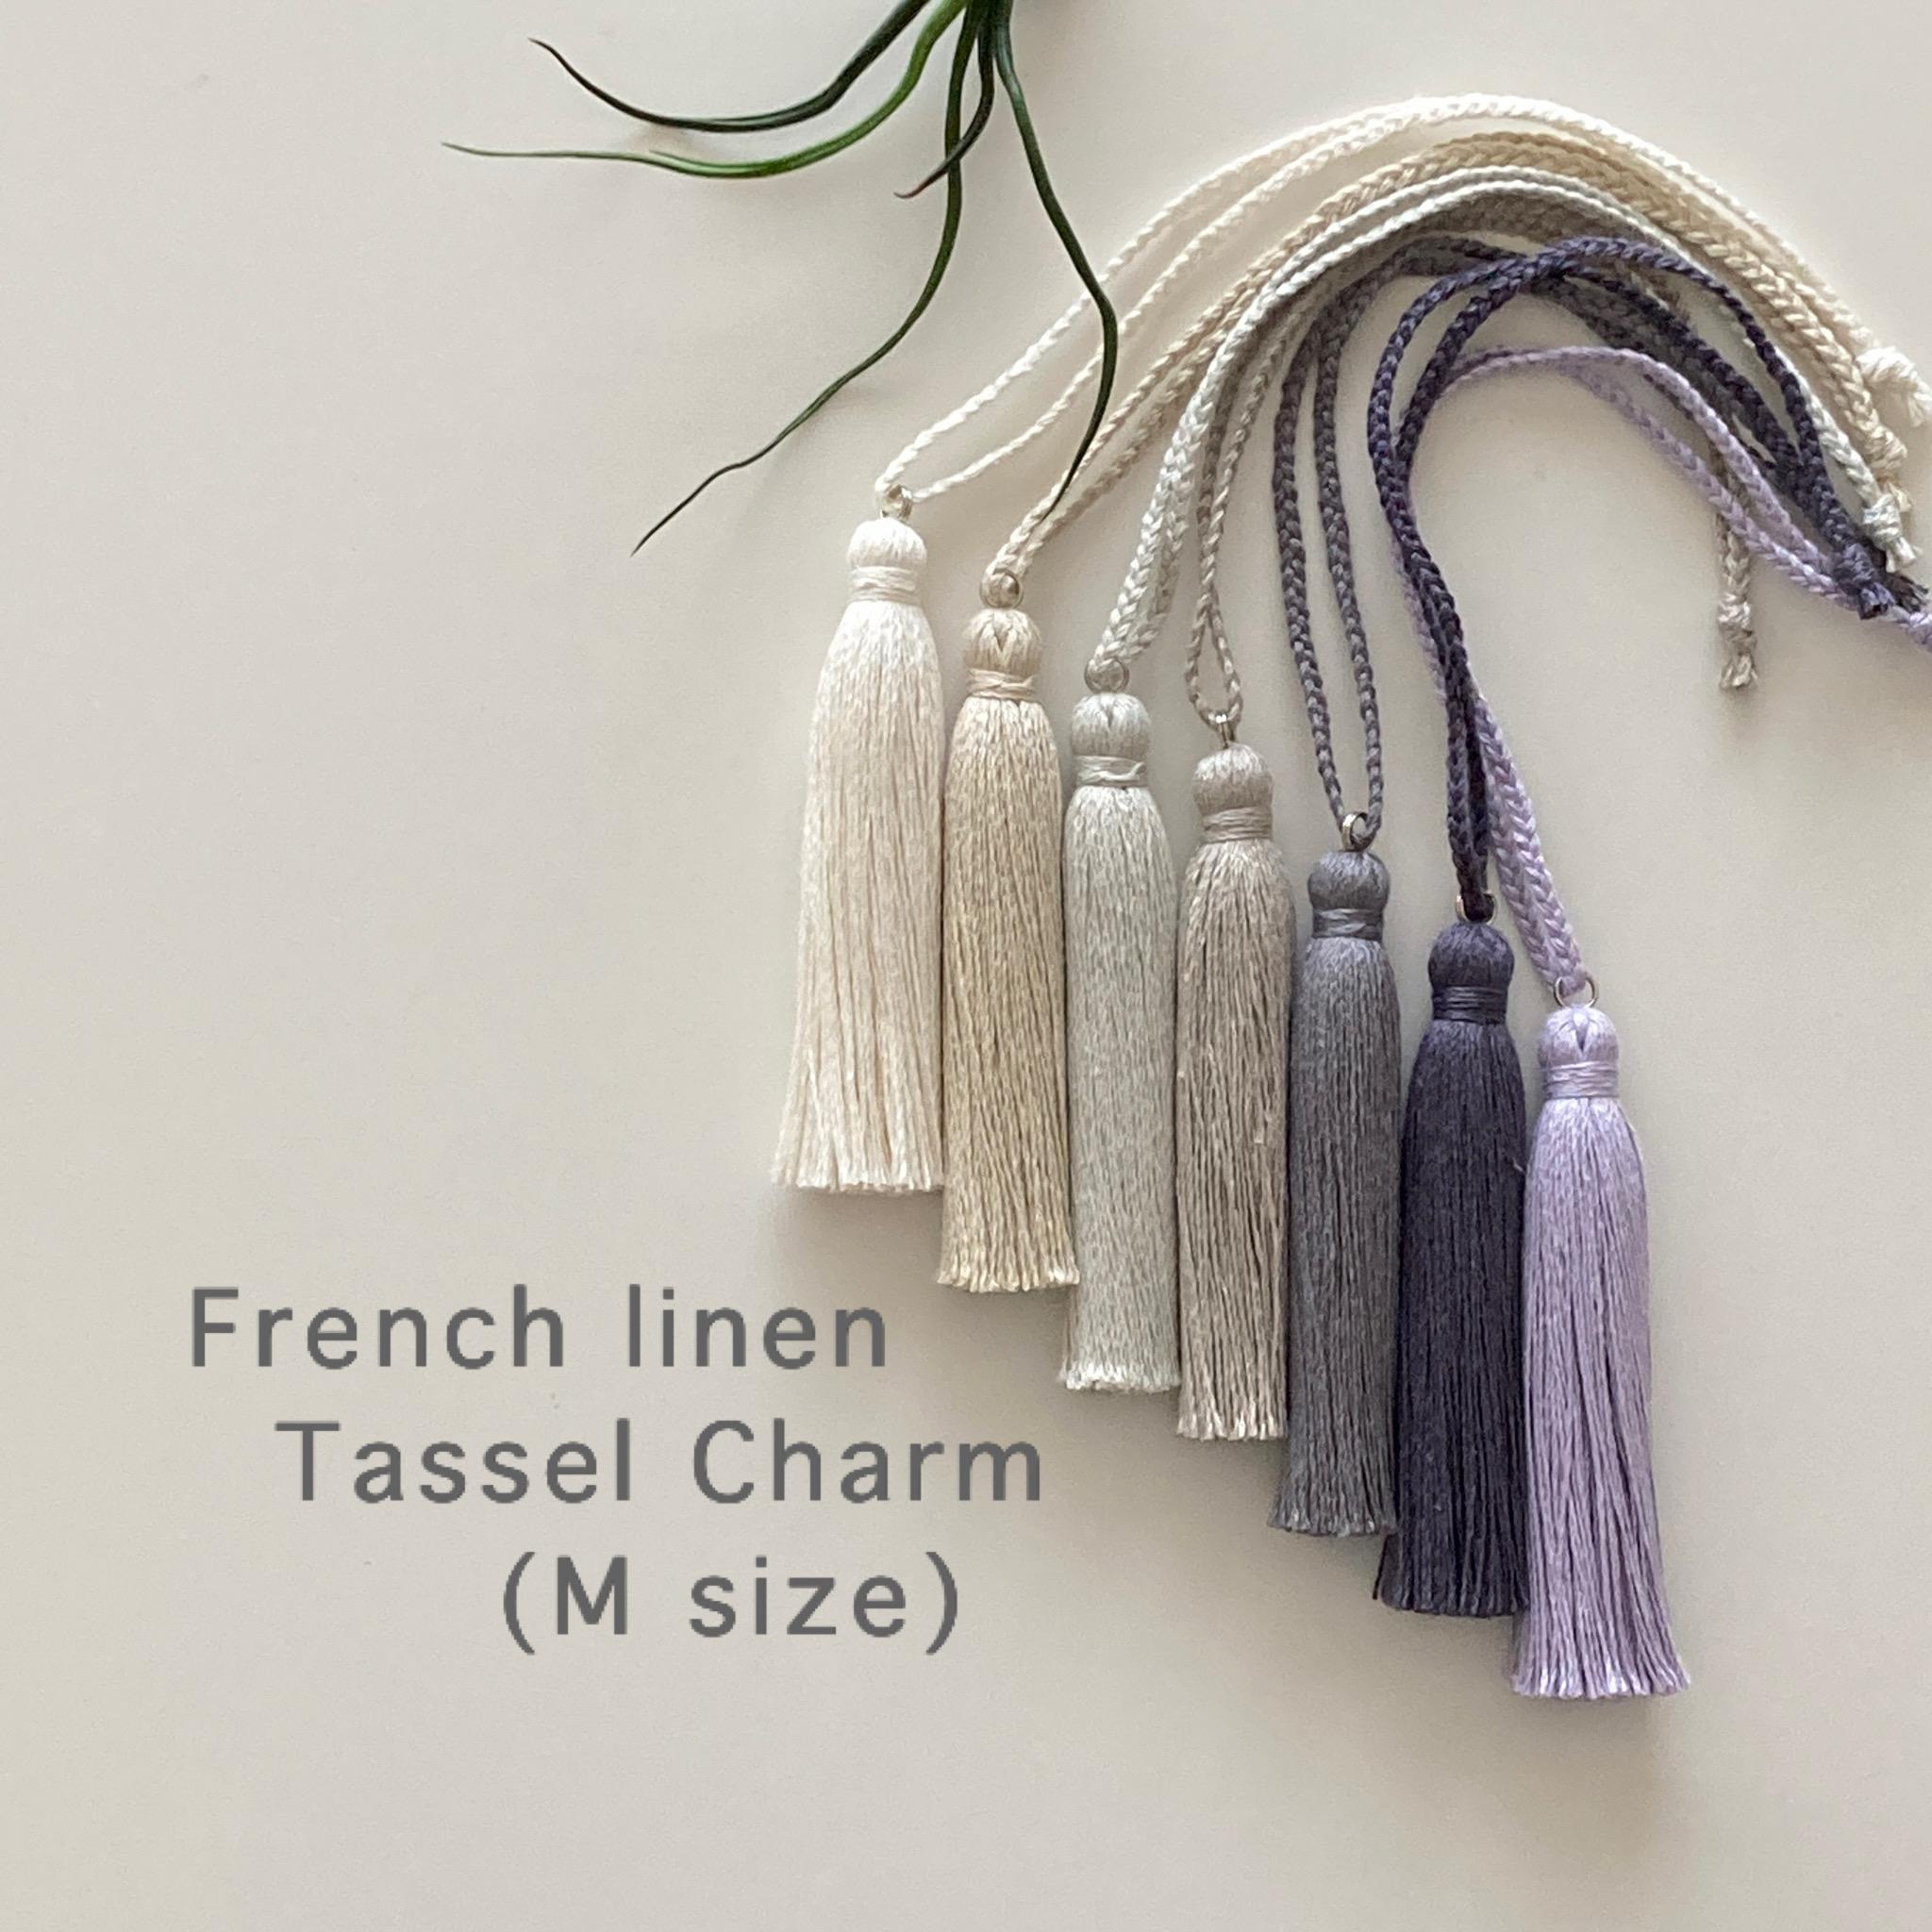 4色 M size 人気急上昇 フレンチリネンのタッセルチャーム ブラック 人気 ホワイト グレーベージュ チャーム ハンドメイド シンプル バッグ 日傘a-021 リネン タッセル